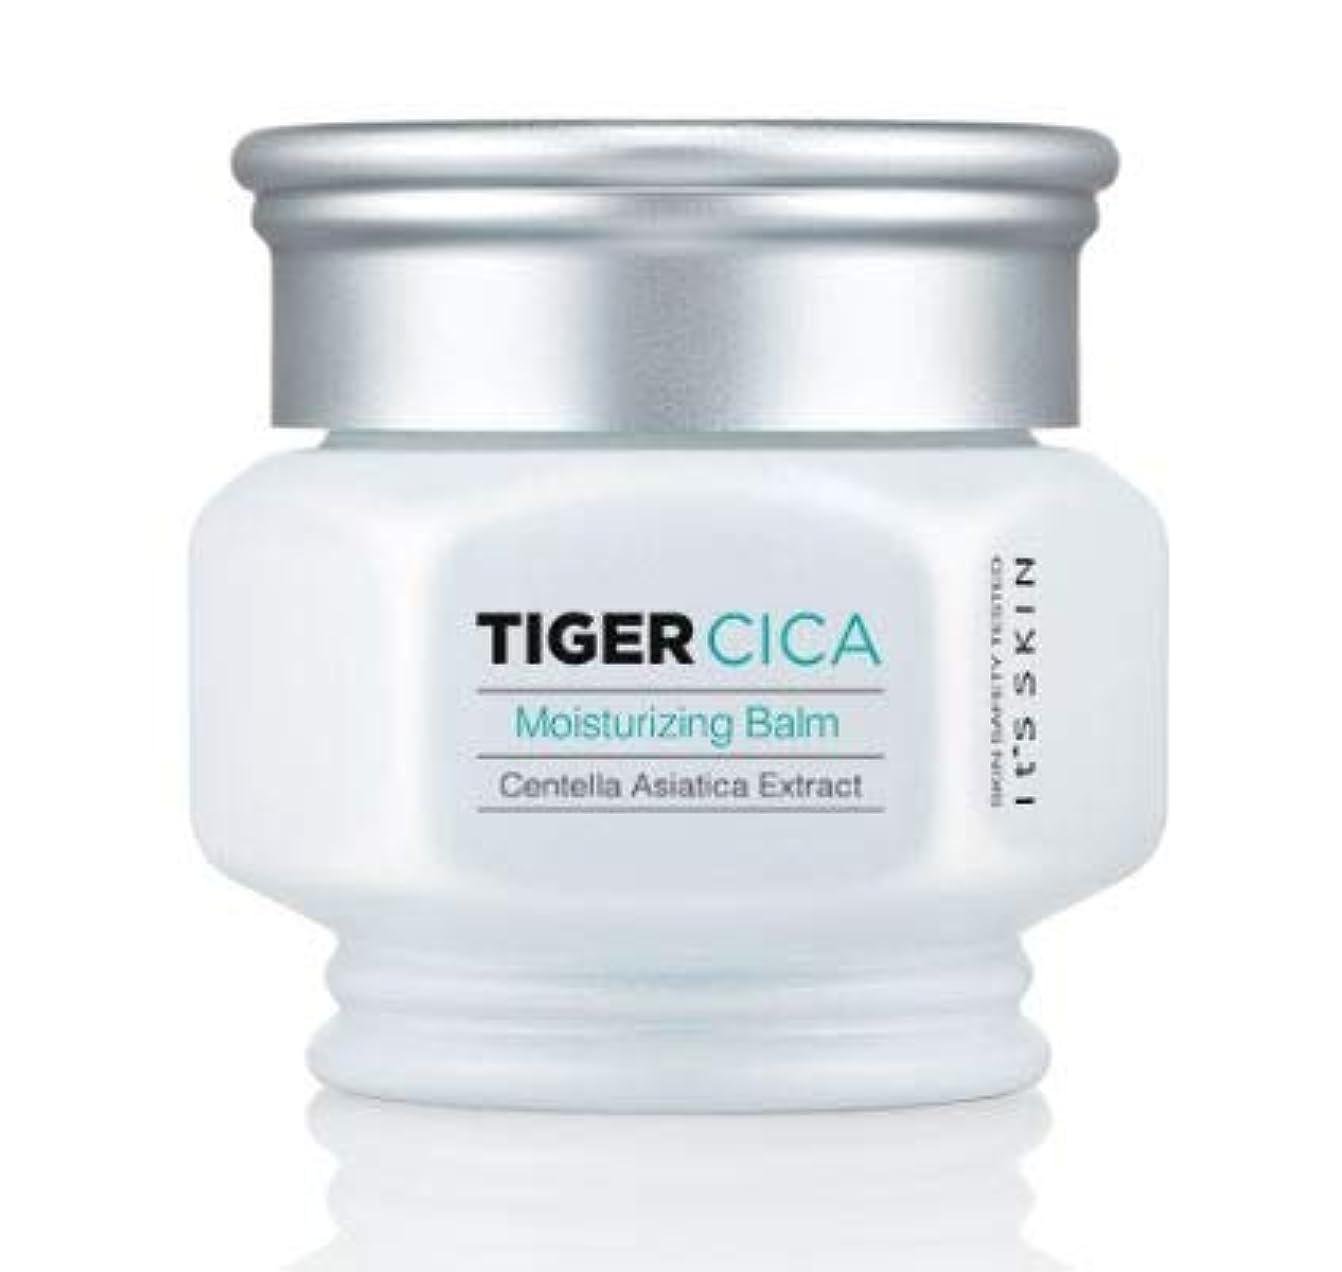 薬剤師フラップ軽[It's Skin] Tiger Cica Moisturizing Balm 50ml /[イッツスキン] タイガーシカ モイスチャライジング バーム 50ml [並行輸入品]